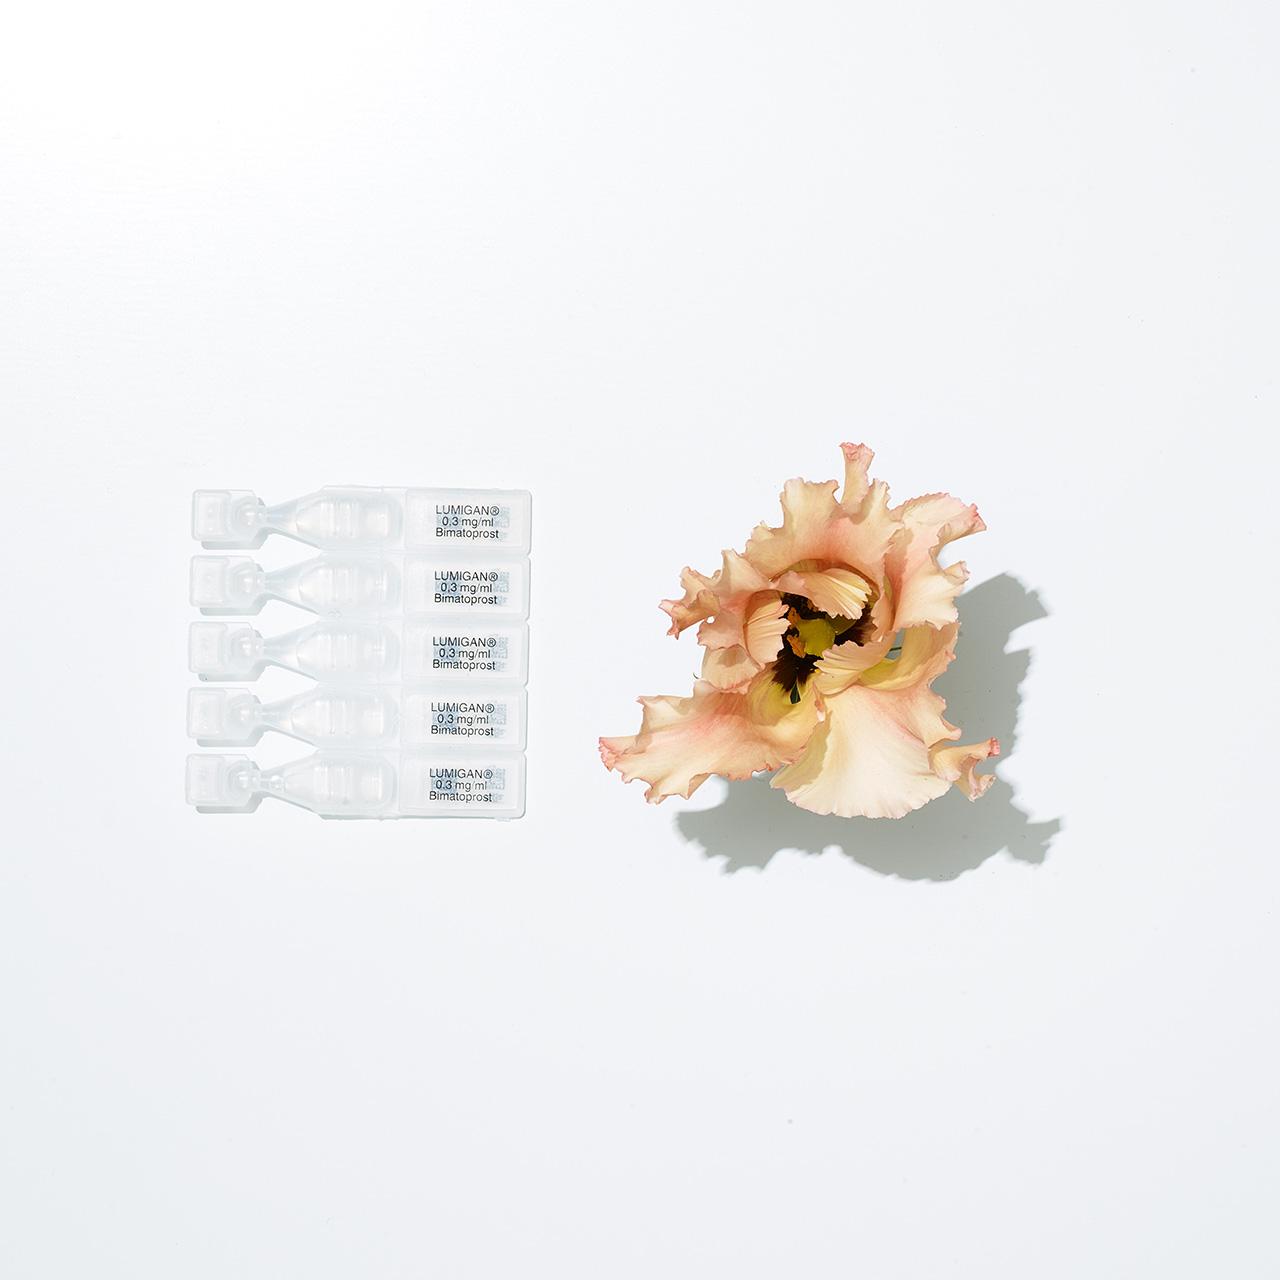 Plate 2 Prescription (Eyedrops for Glacoma, Flower)